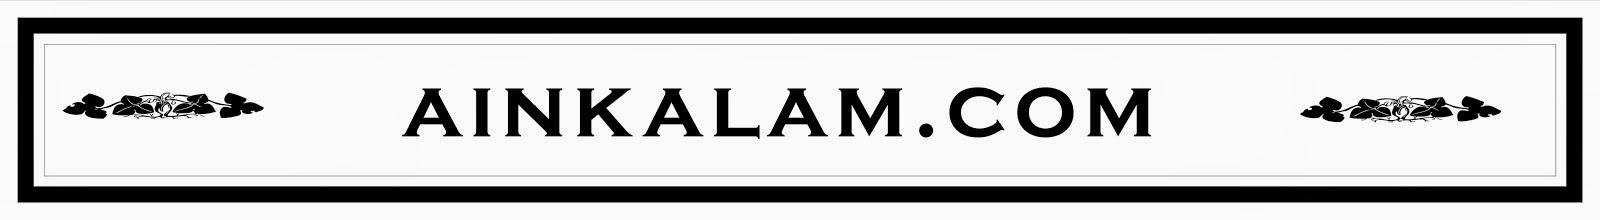 www.ainkalam.com